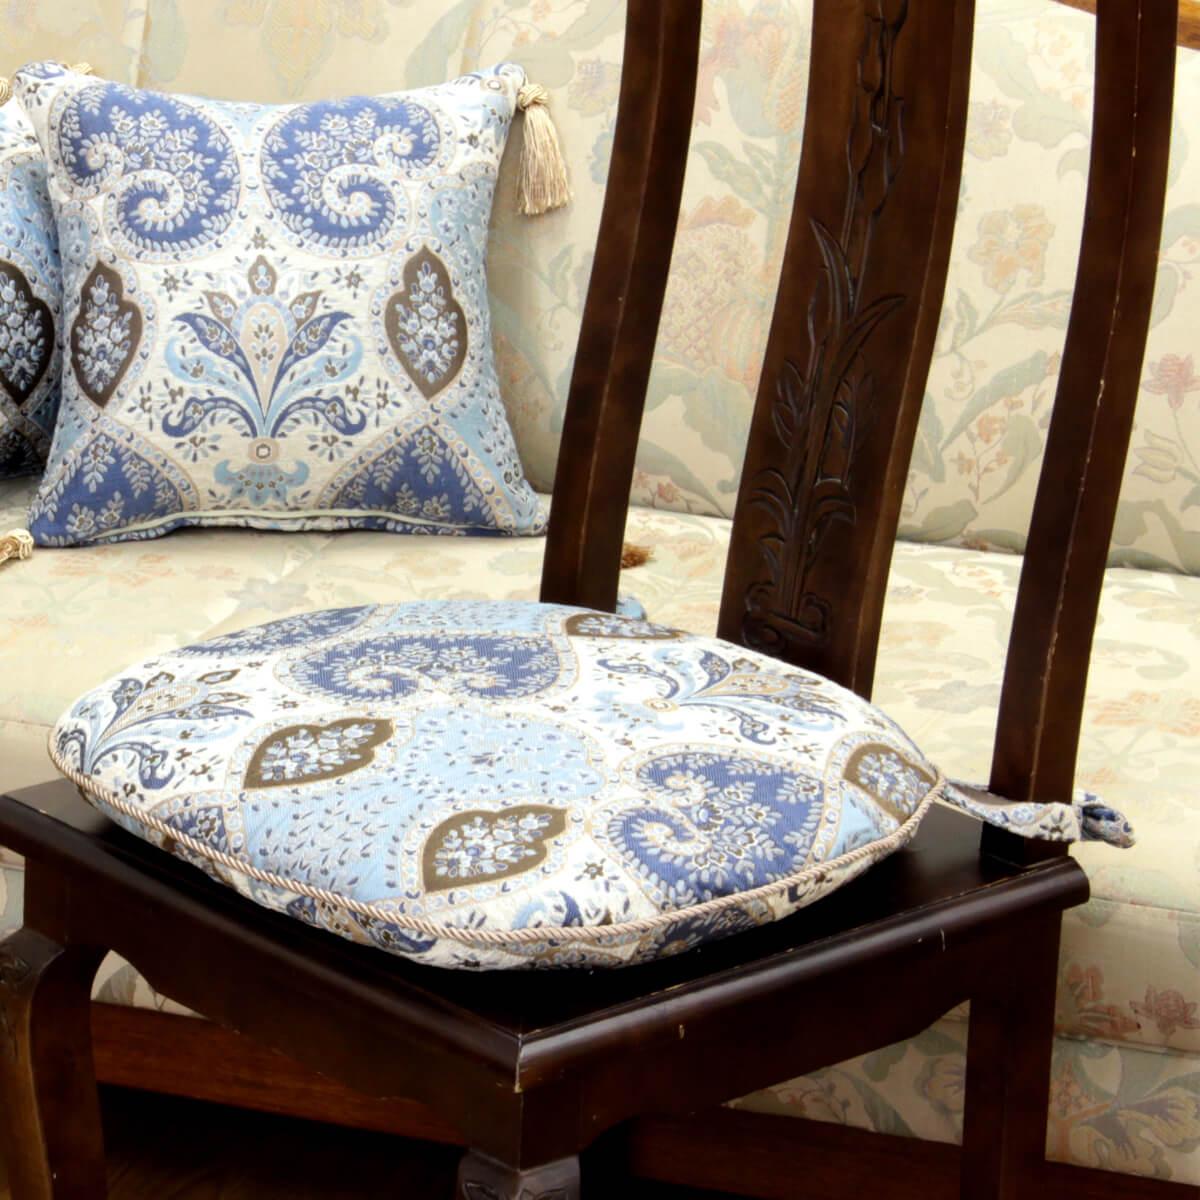 アルヴァ シリーズ シェニール織の紐付シートクッションです。